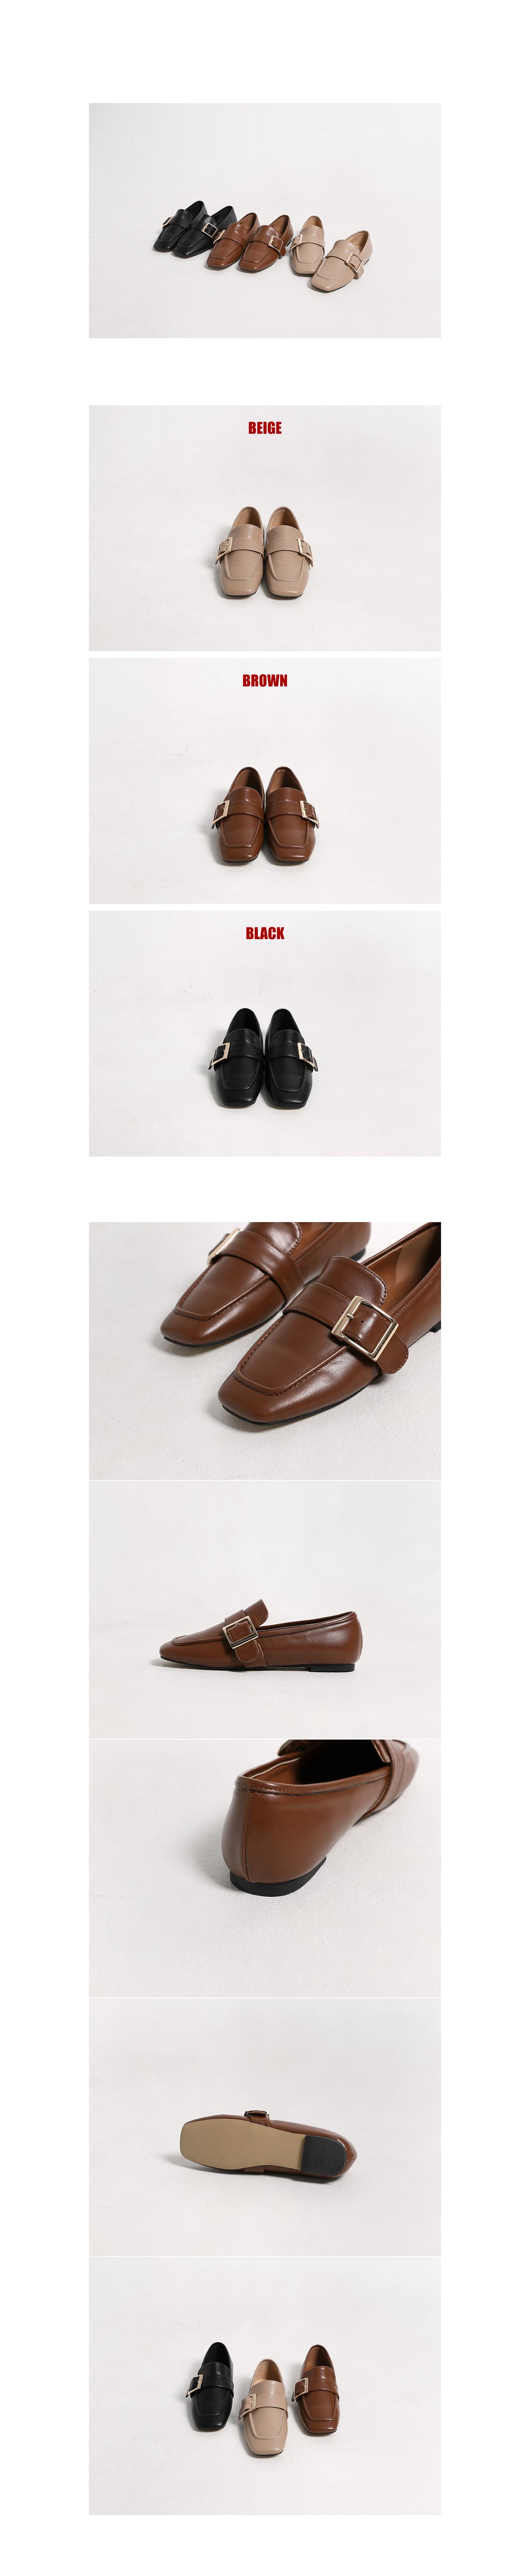 NuK Buckle Shoes